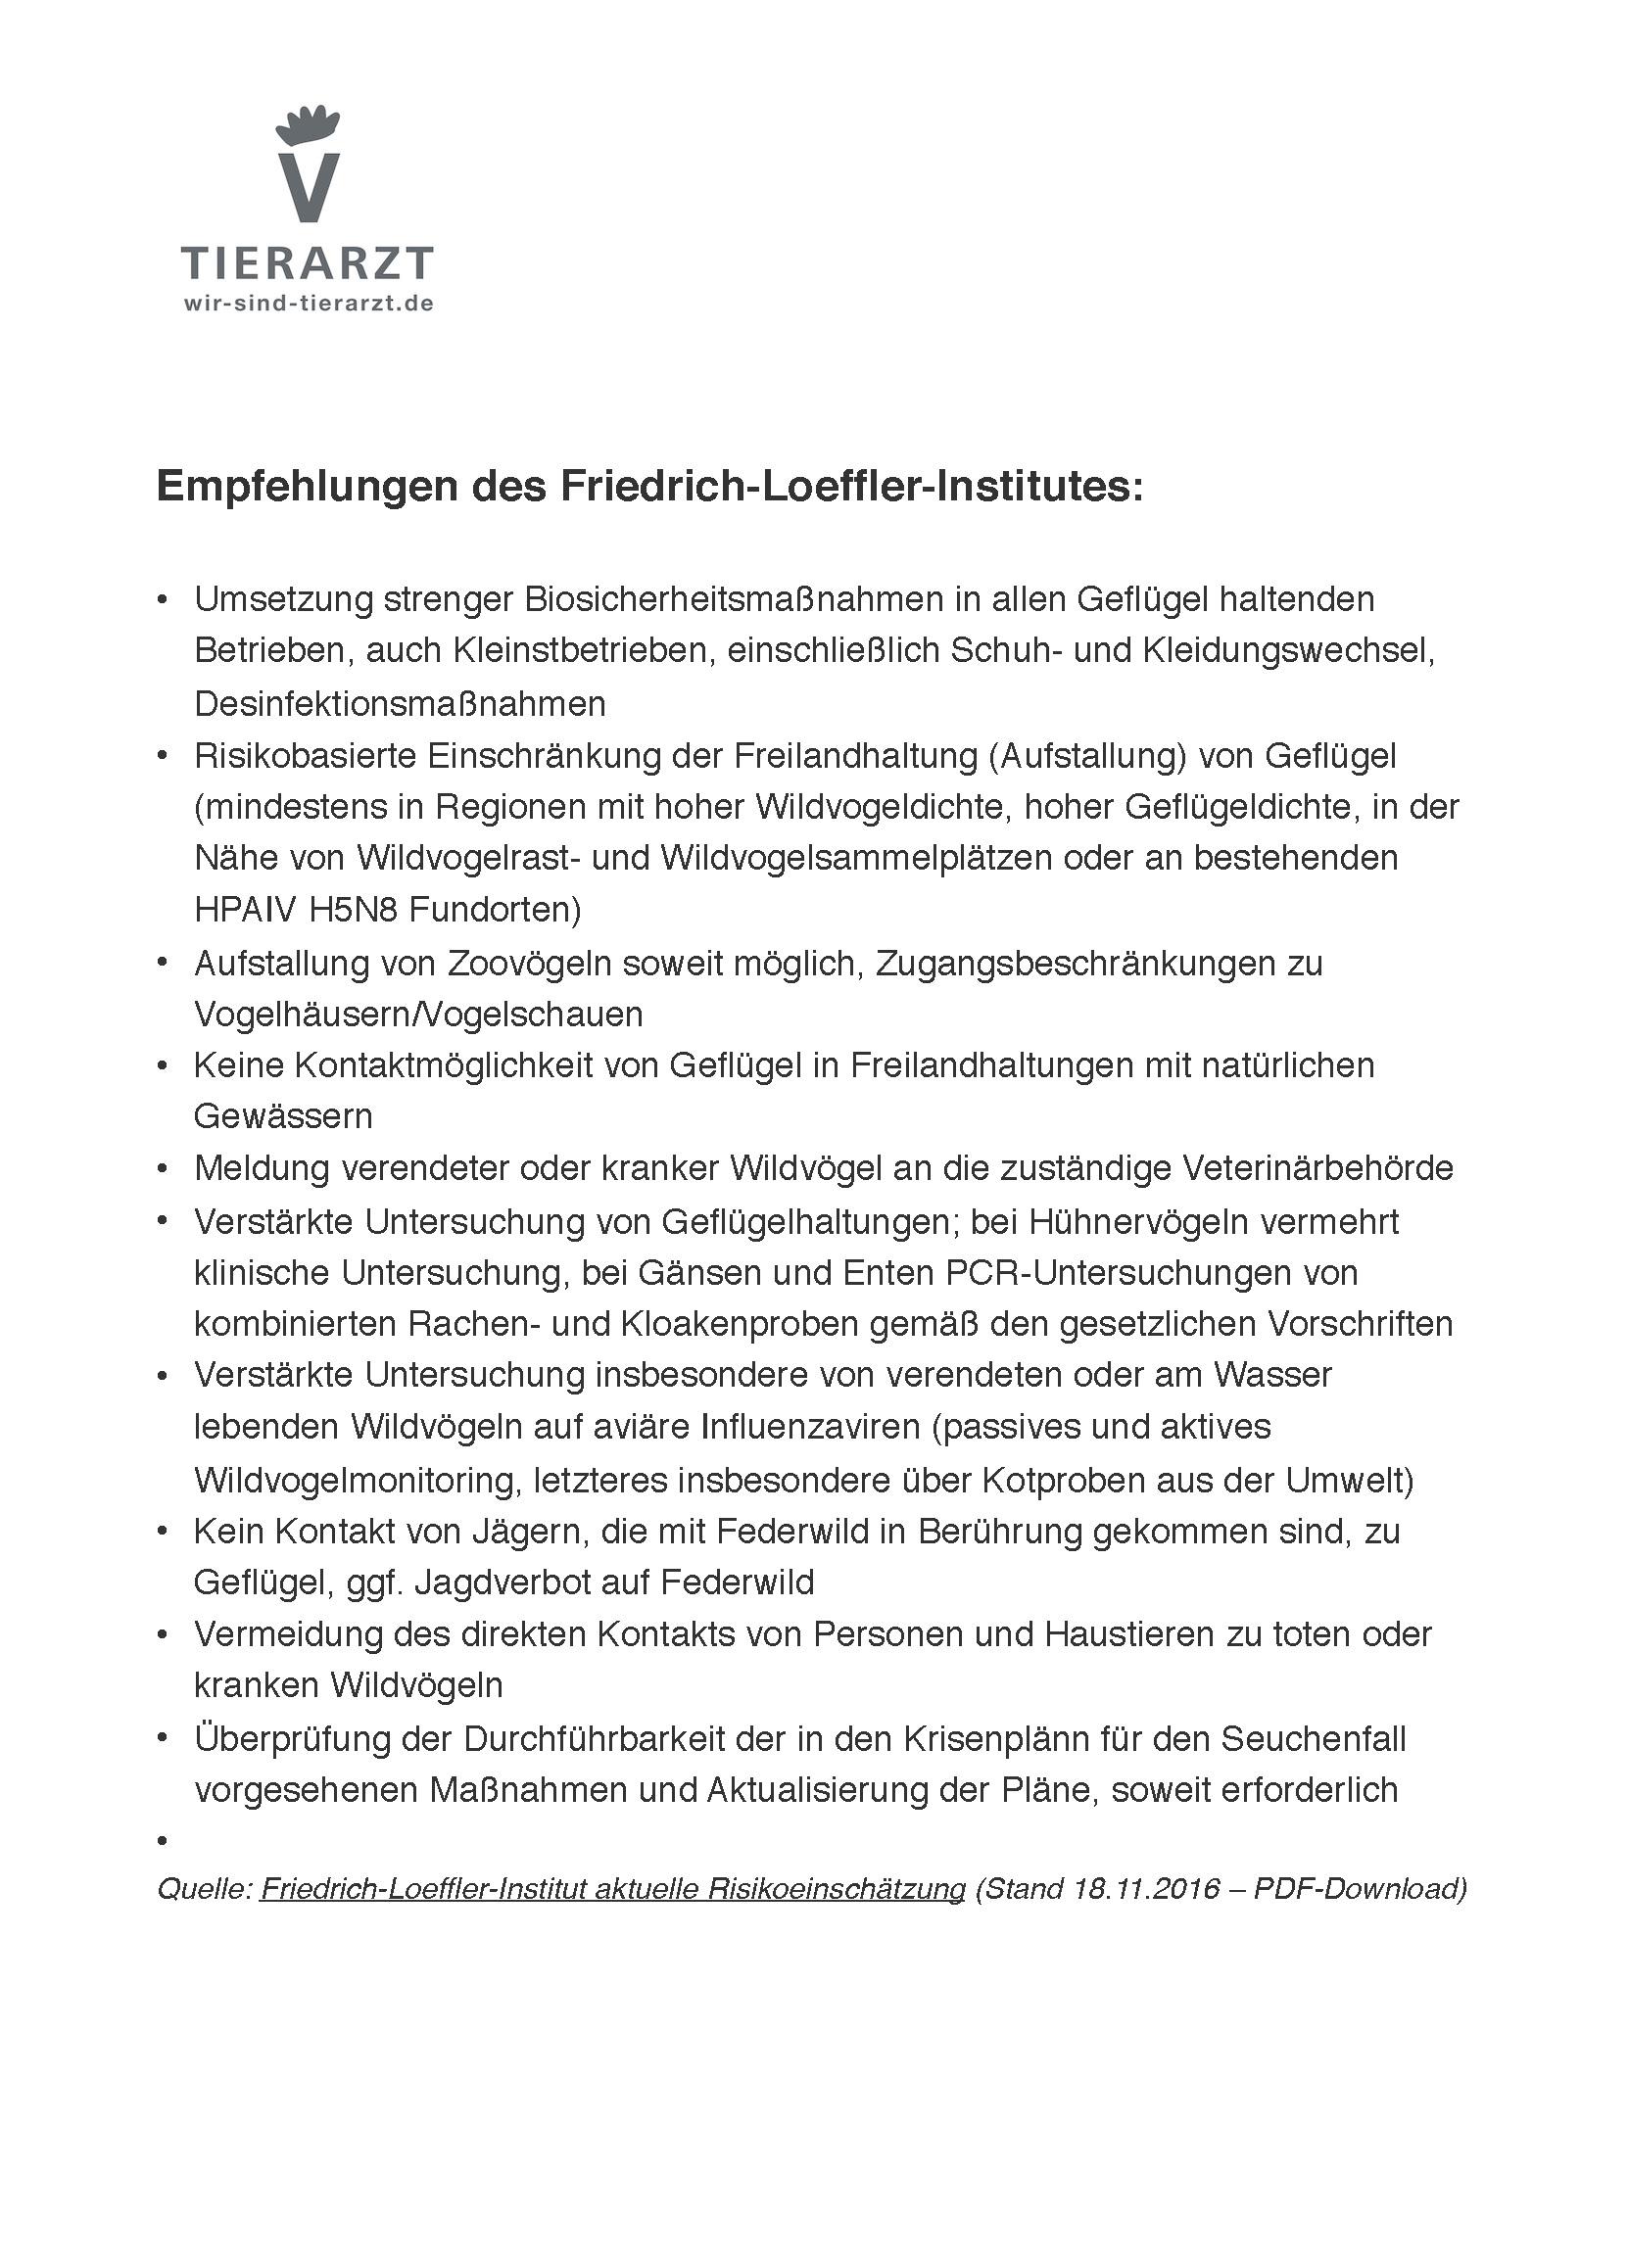 Aktuelle Empfehlungen des FLI zur Vorbeugung von H5N8-Infektionen (PDF-Download hier) © FLI